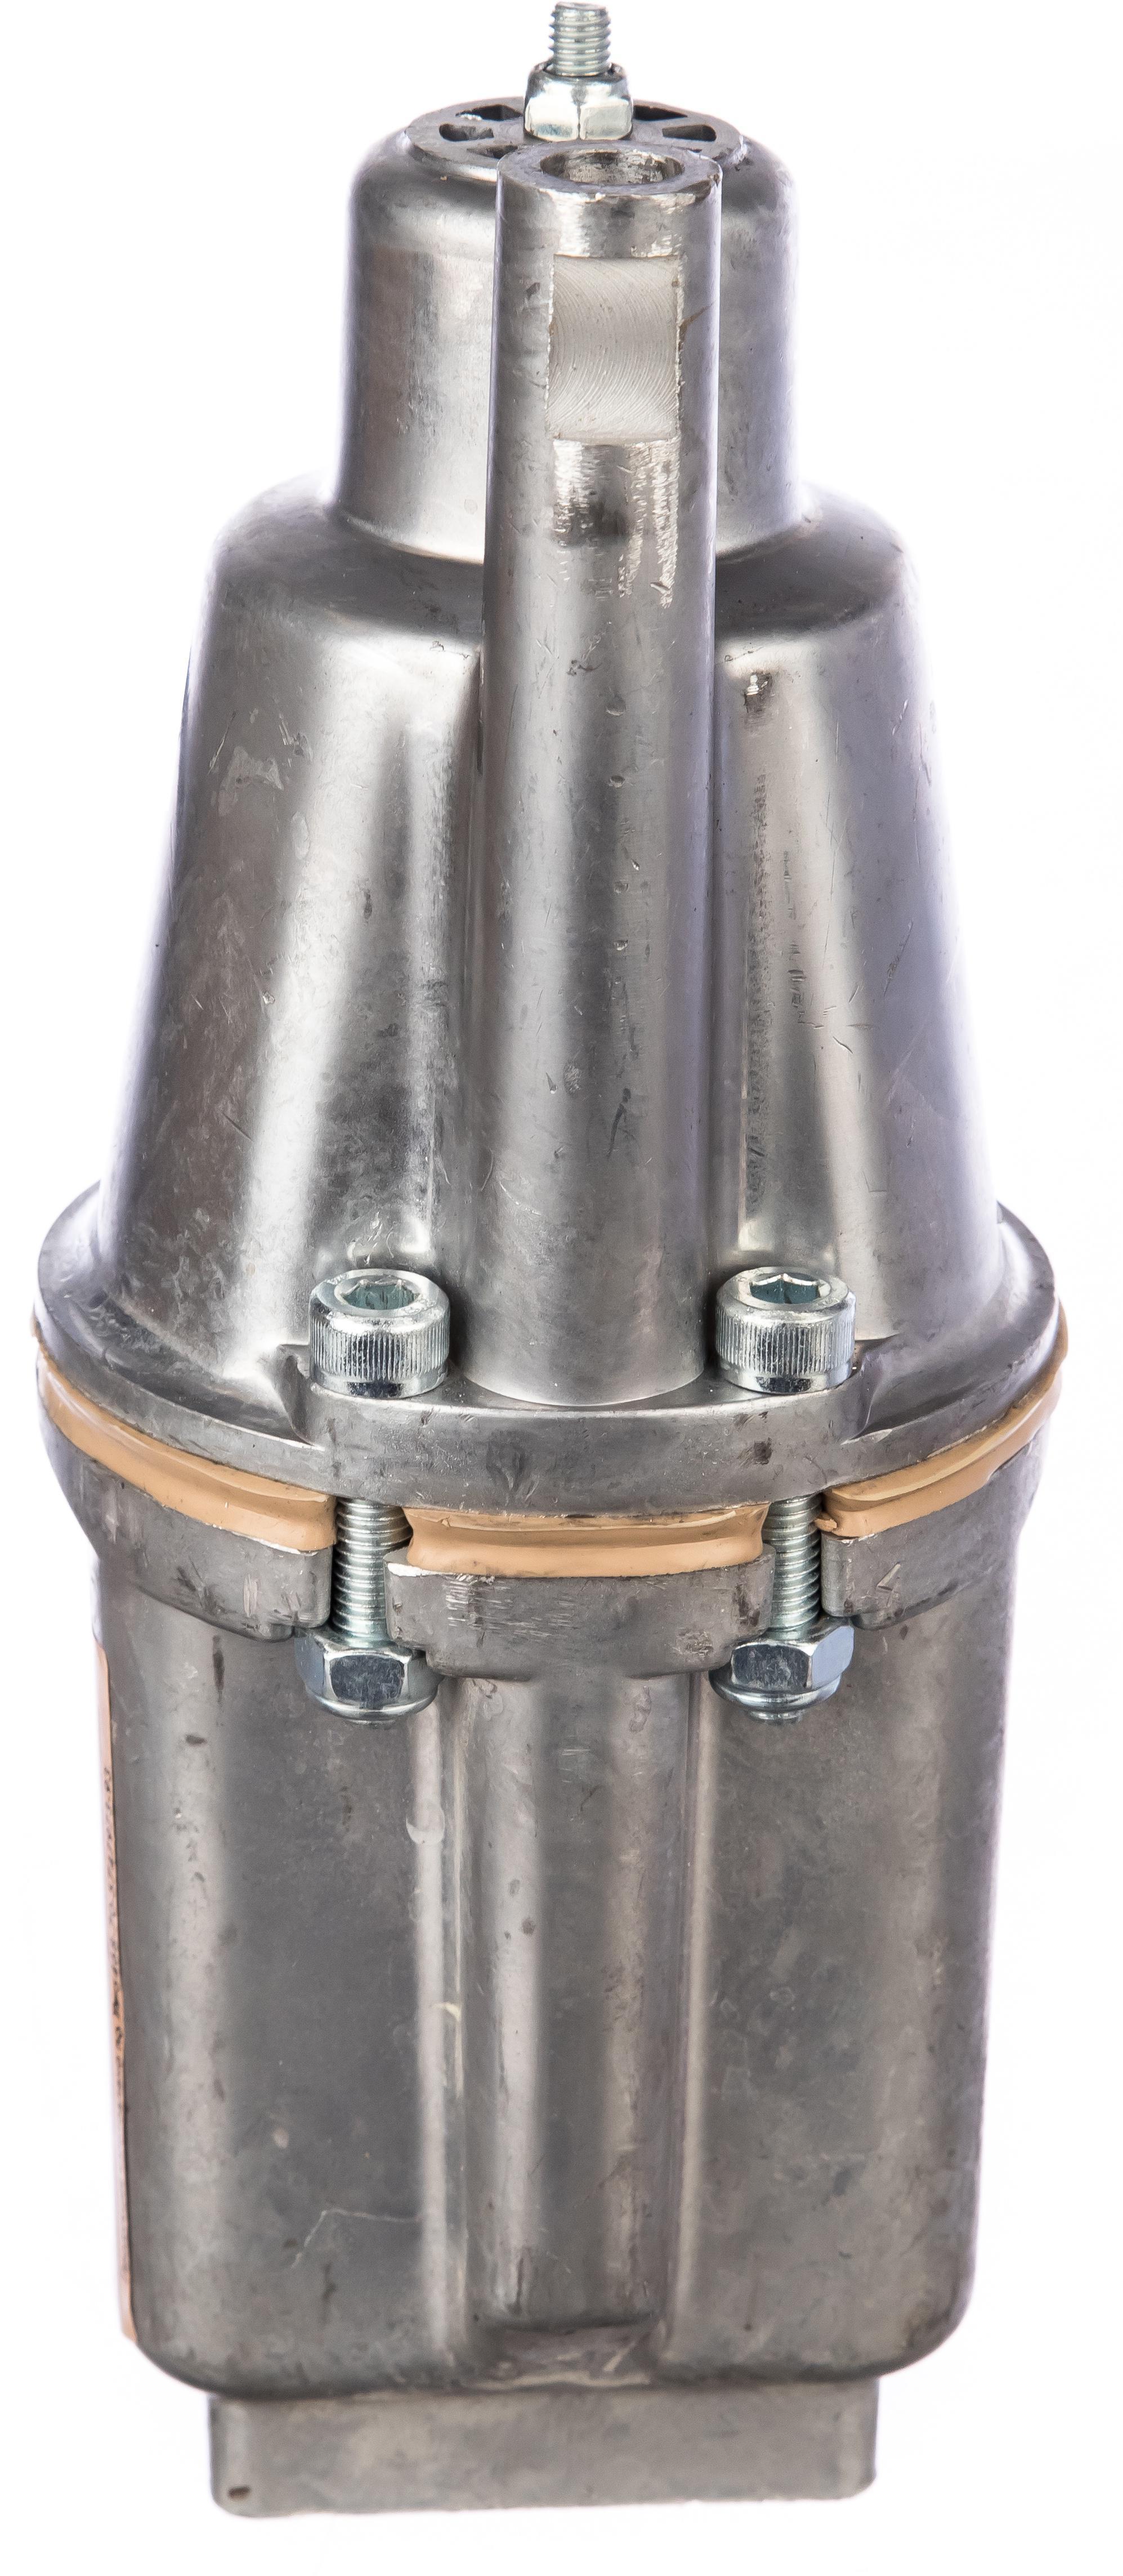 Вибрационный насос ДЖИЛЕКС Малыш-М 1514 насос погружной вибрационный малыш 3